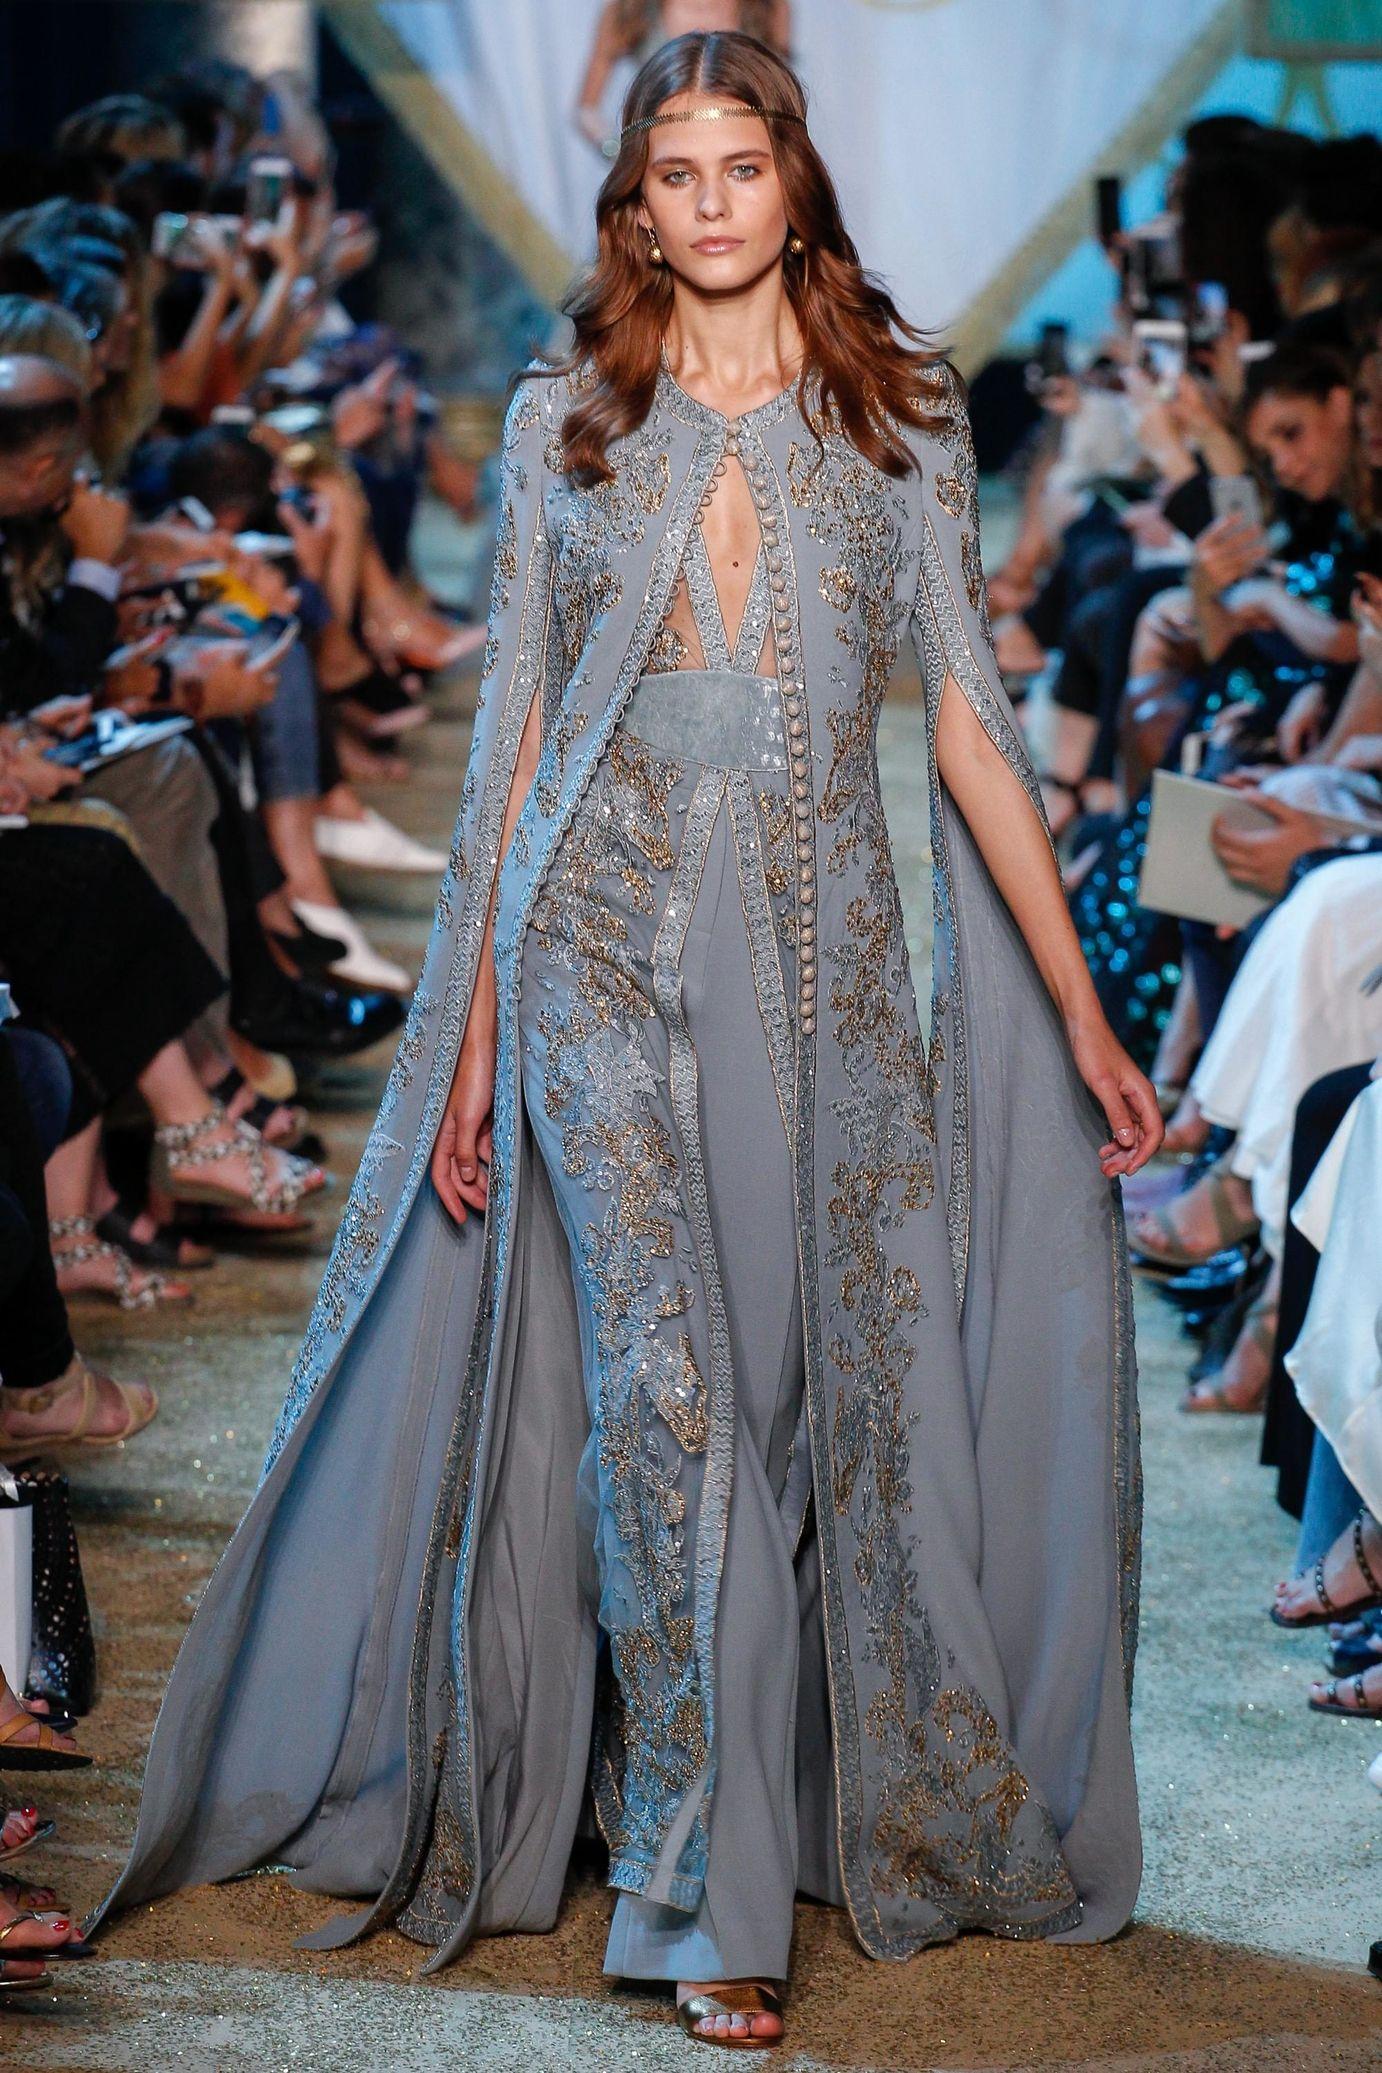 dbe7b204142 Défilé Elie Saab Haute couture automne-hiver 2017-2018 24